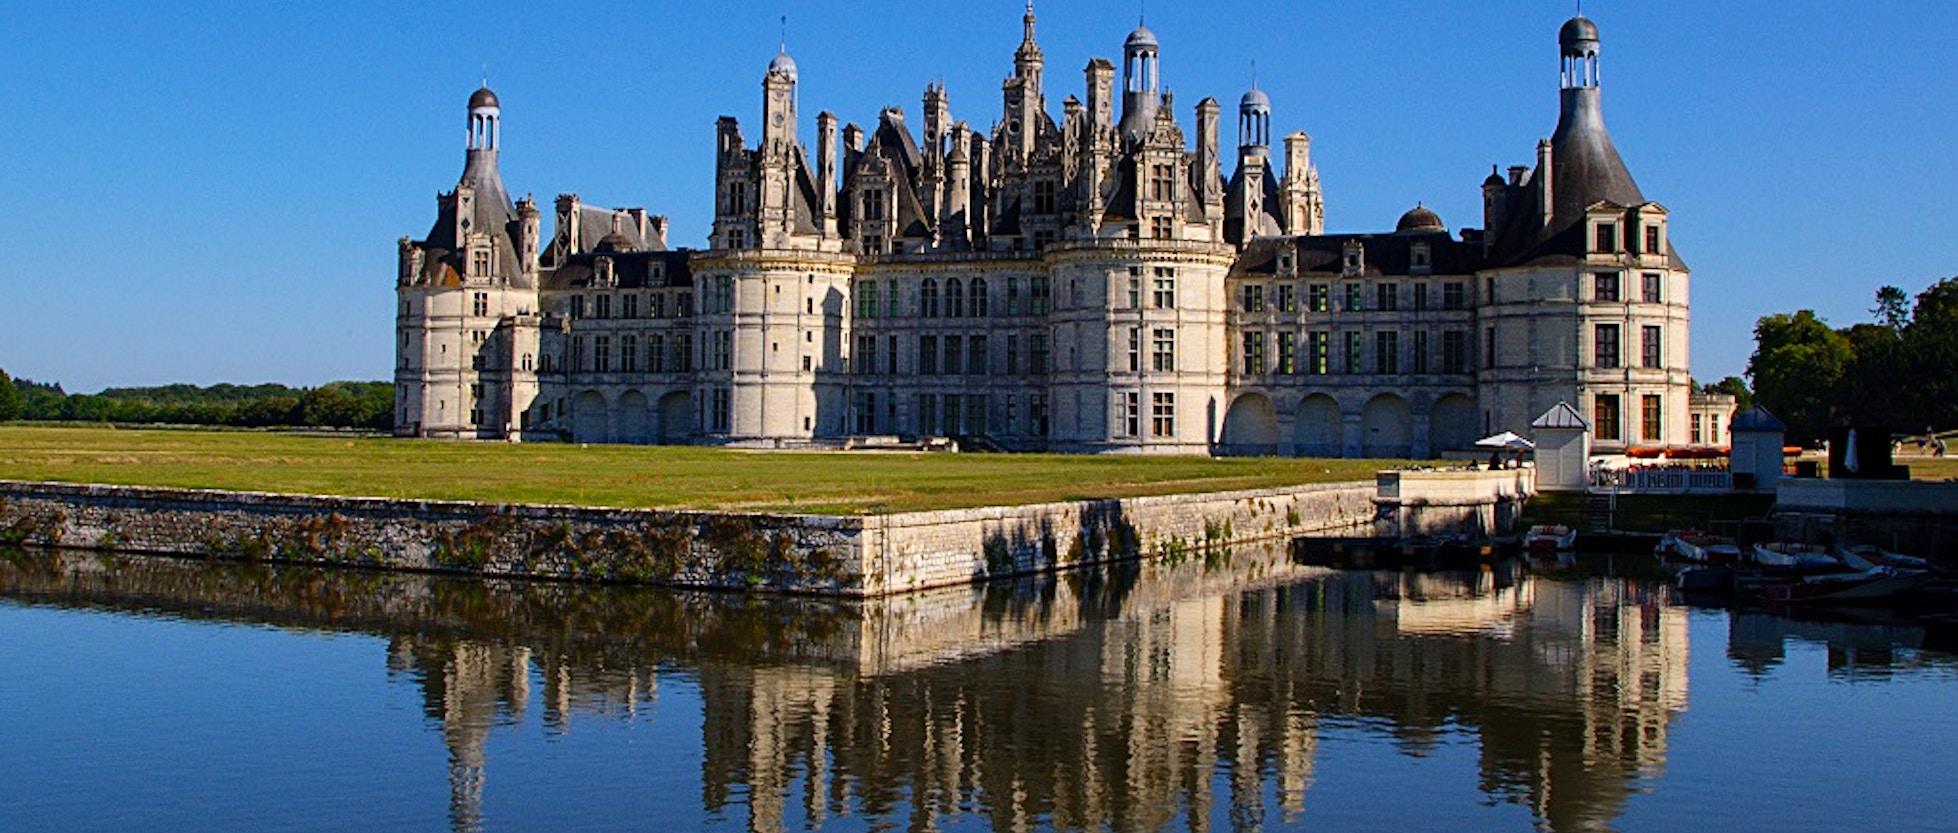 Itinerario dei castelli della loira scopri il giardino - Giardino in francese ...